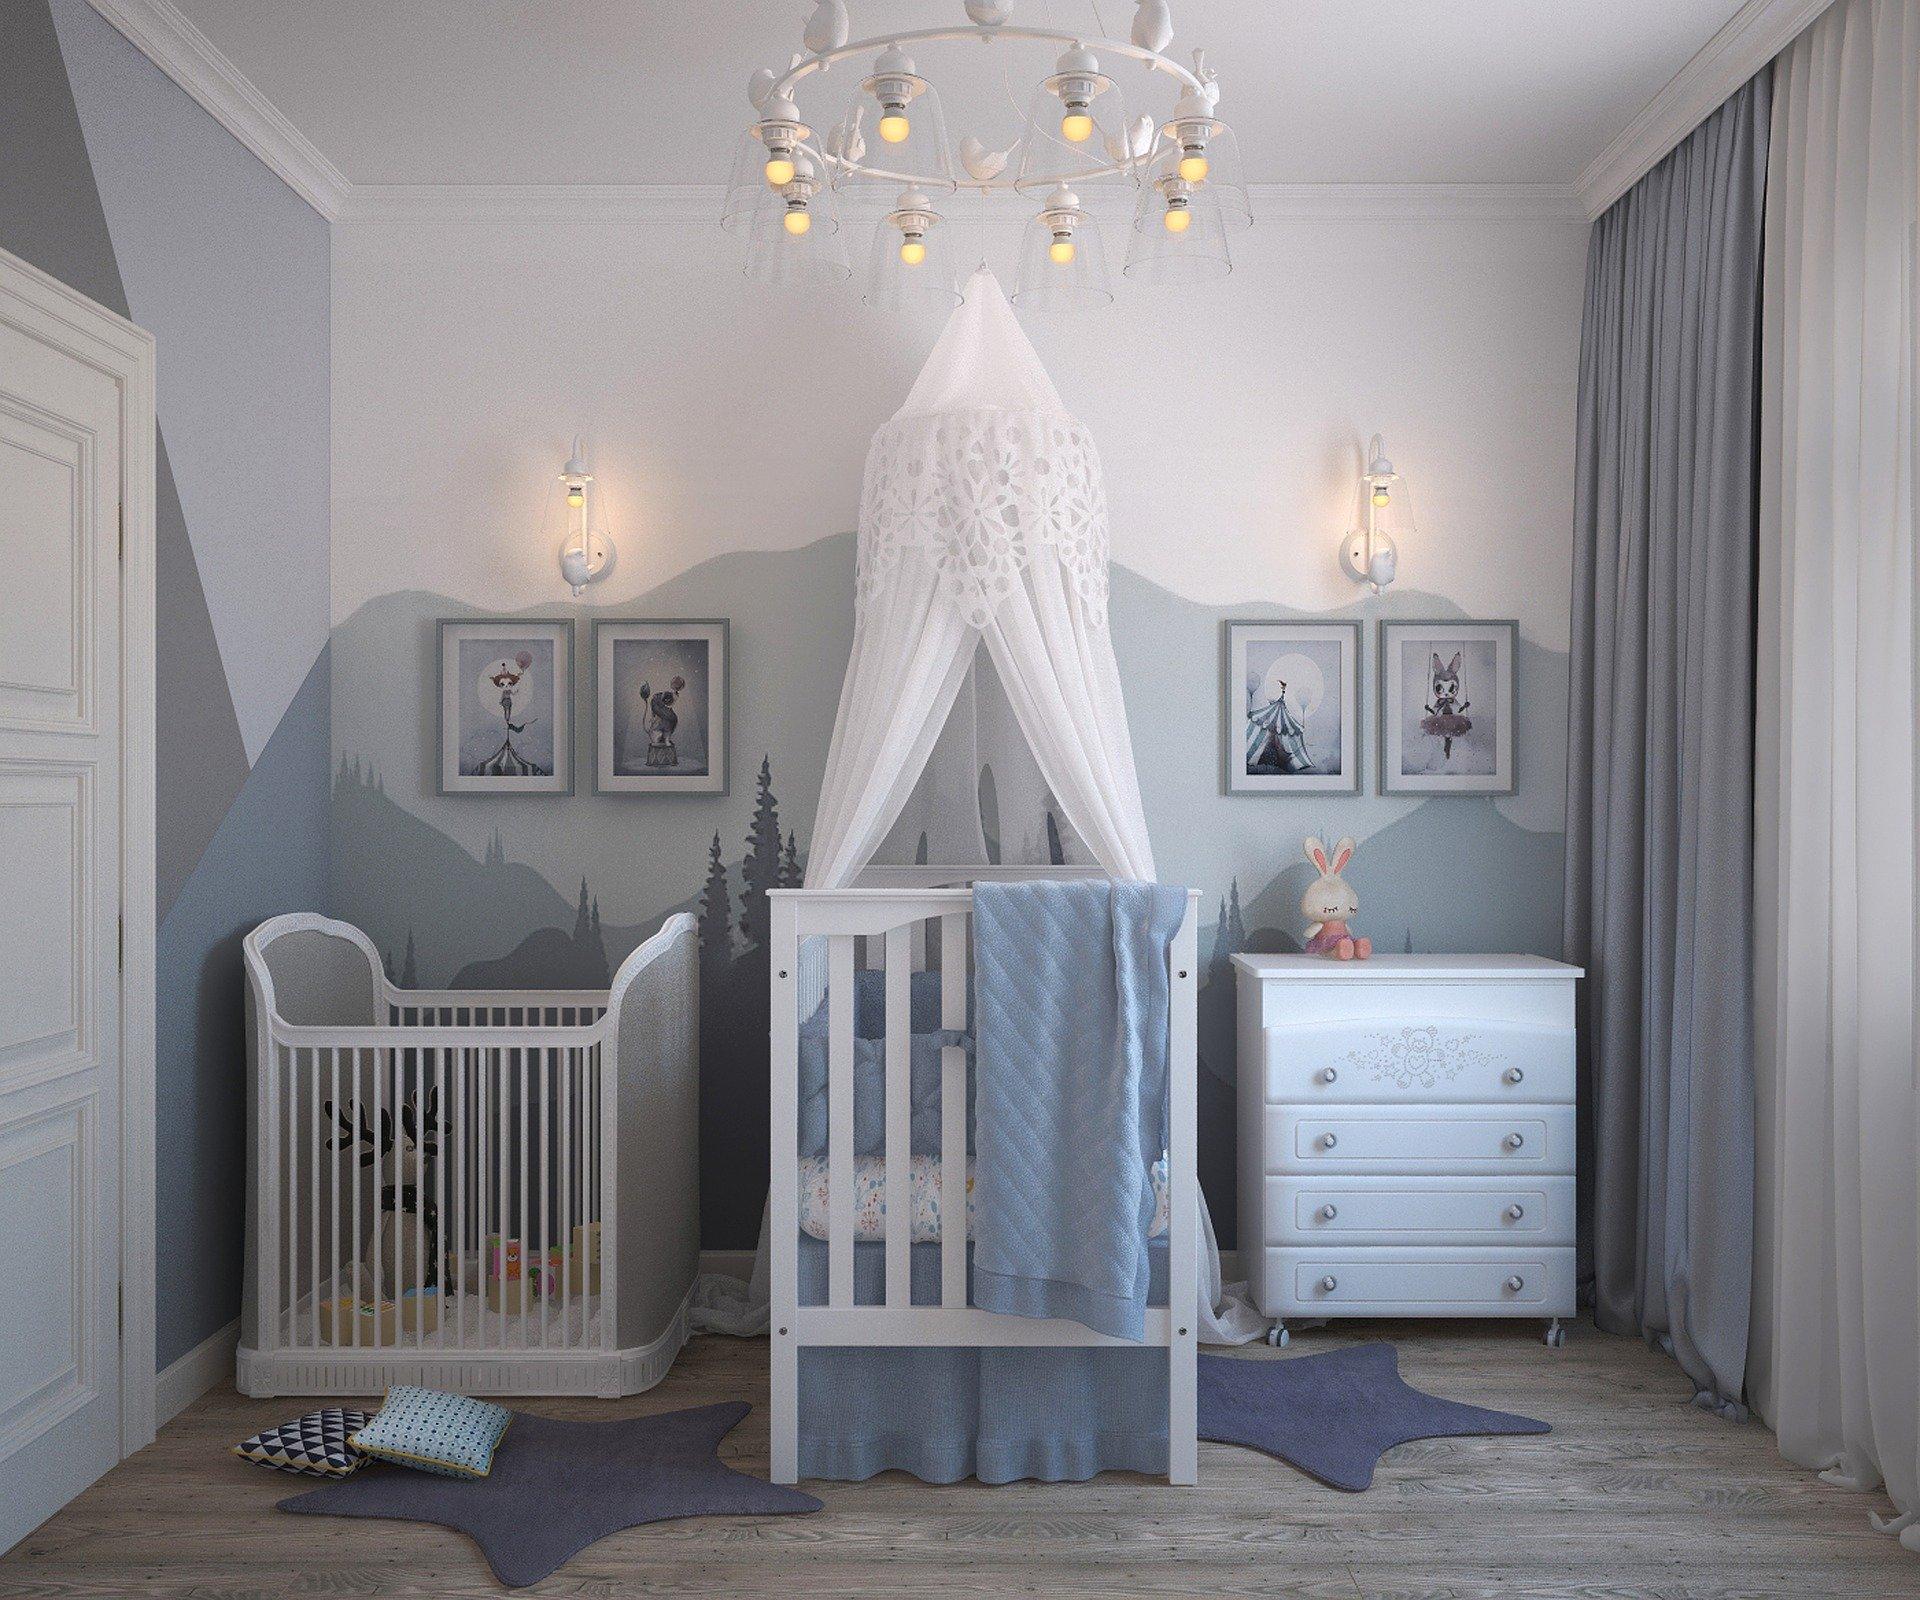 La sécurité pour nos enfants dans leurs chambres.